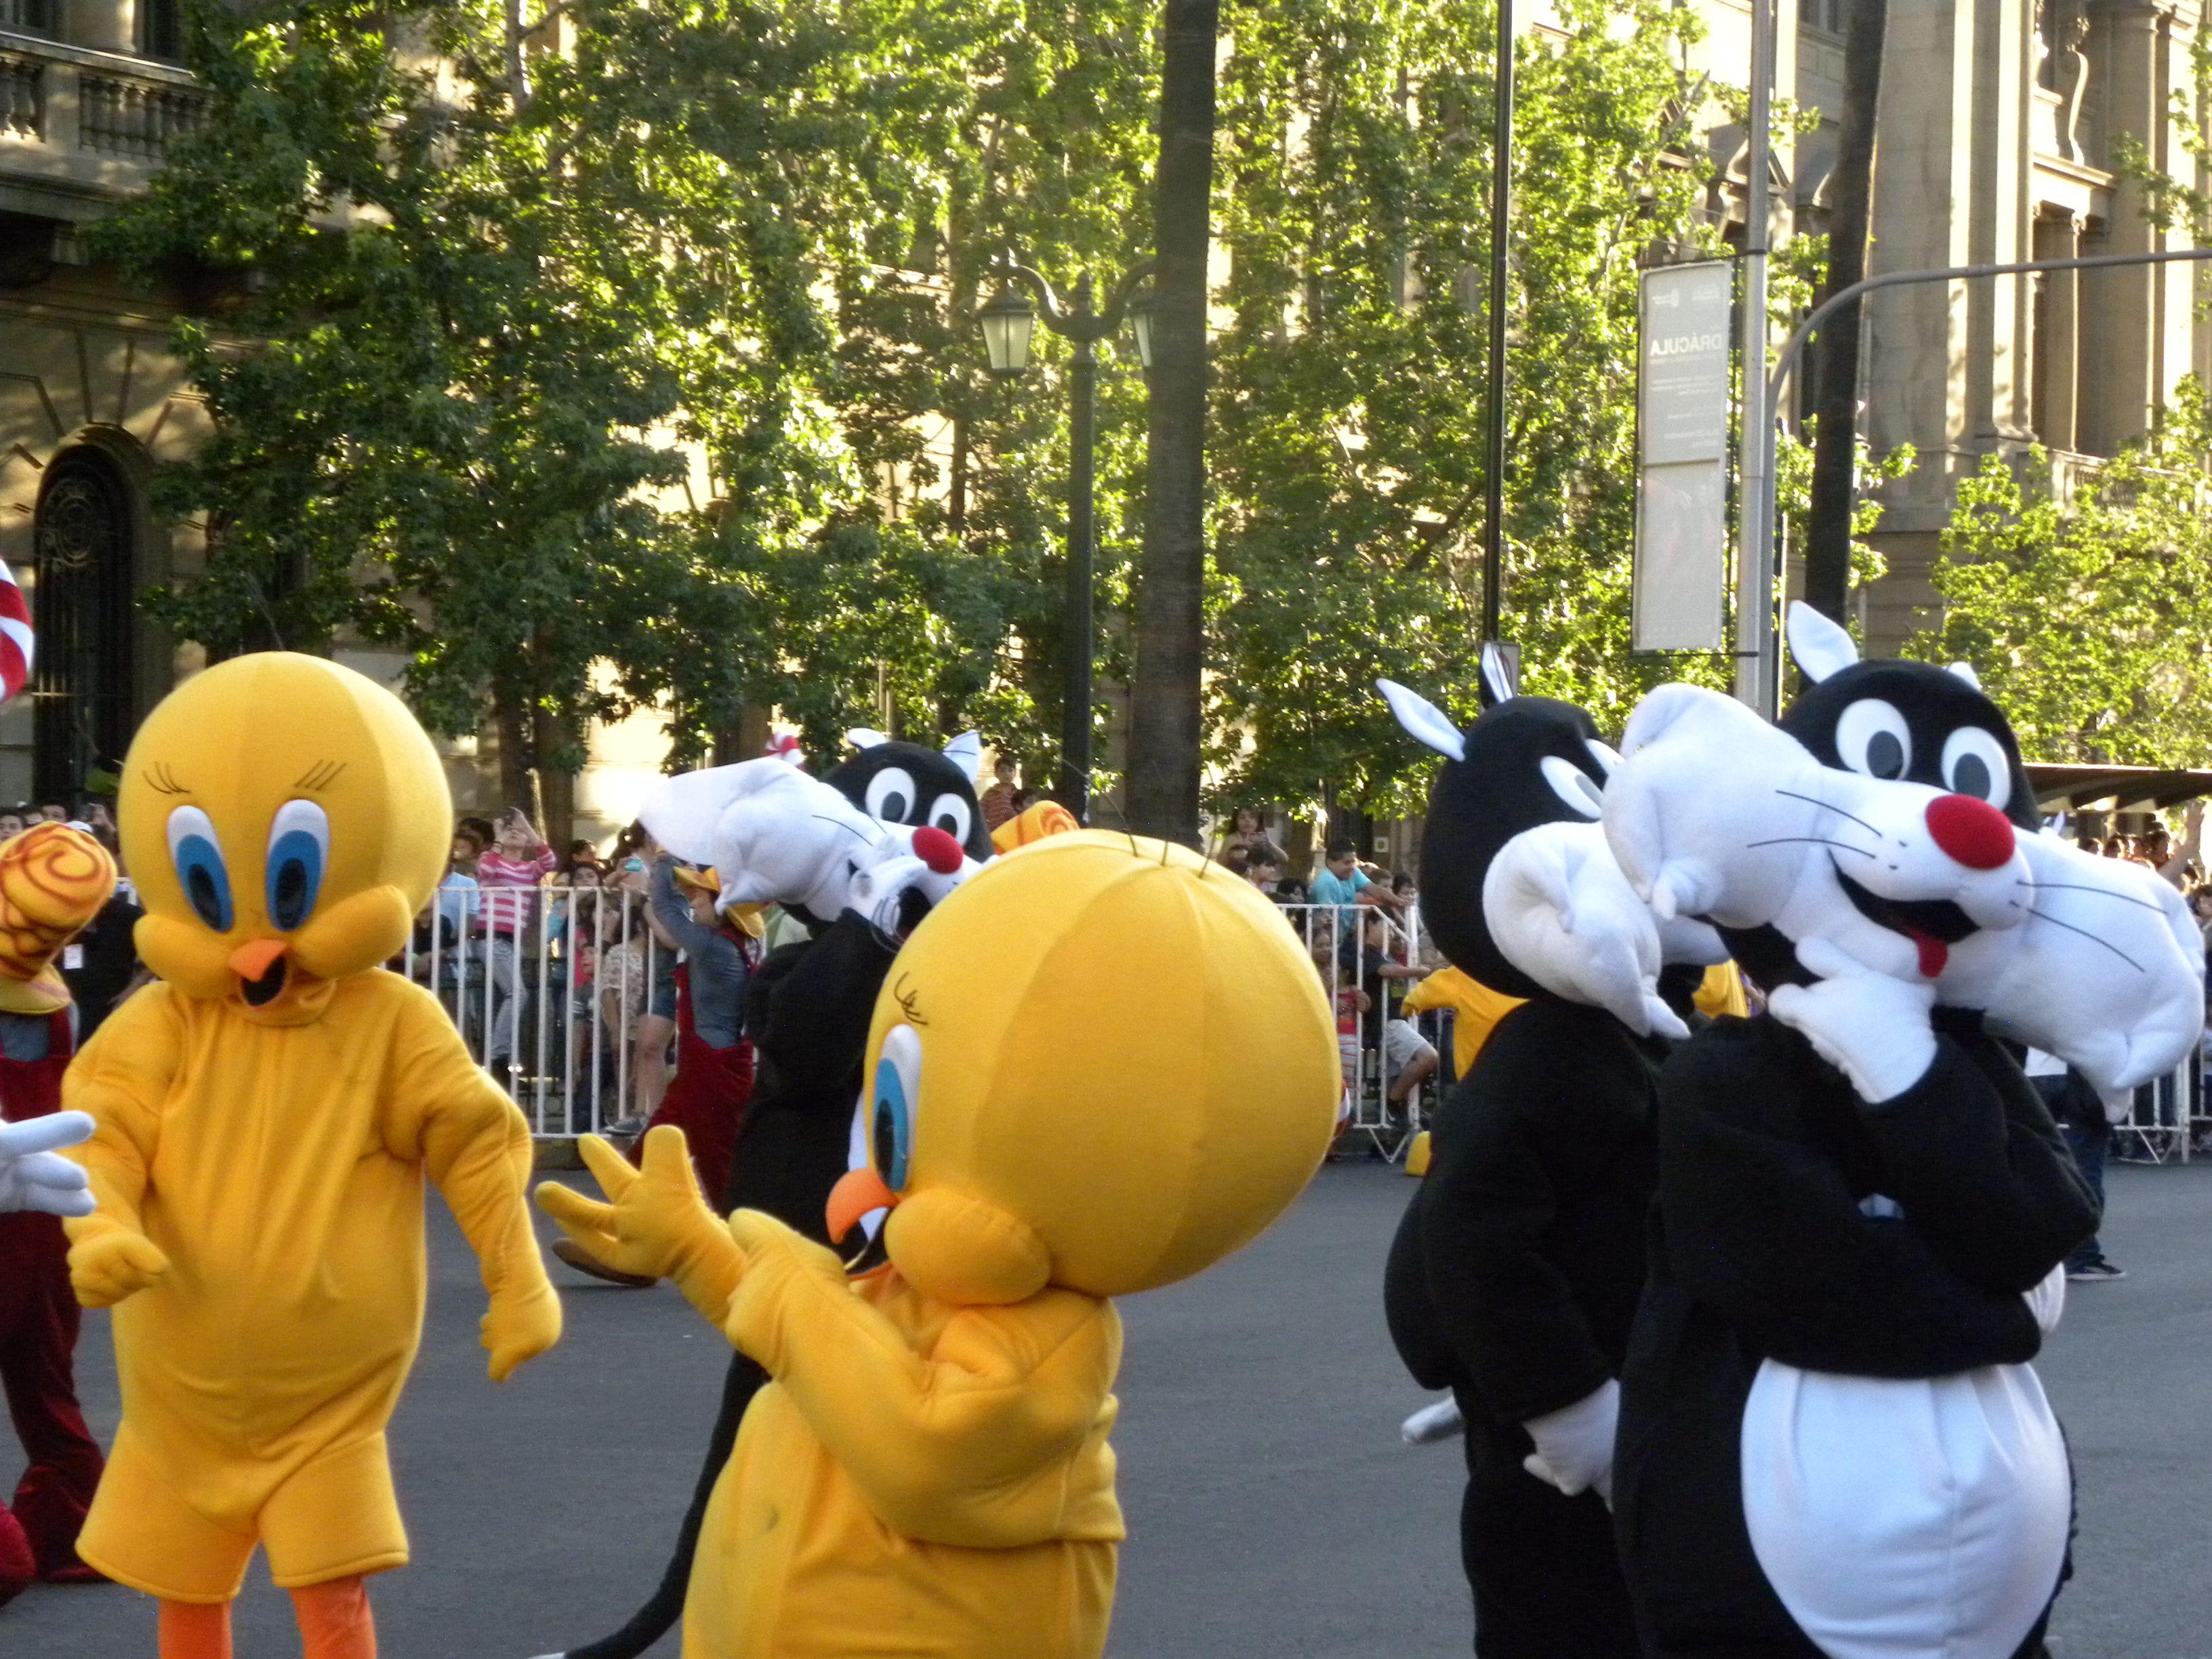 Personajes: Silvestre y Piolín  Actividad: Paris Parade 2012  Lugar: Santiago.Chile.  Desfile Navideño